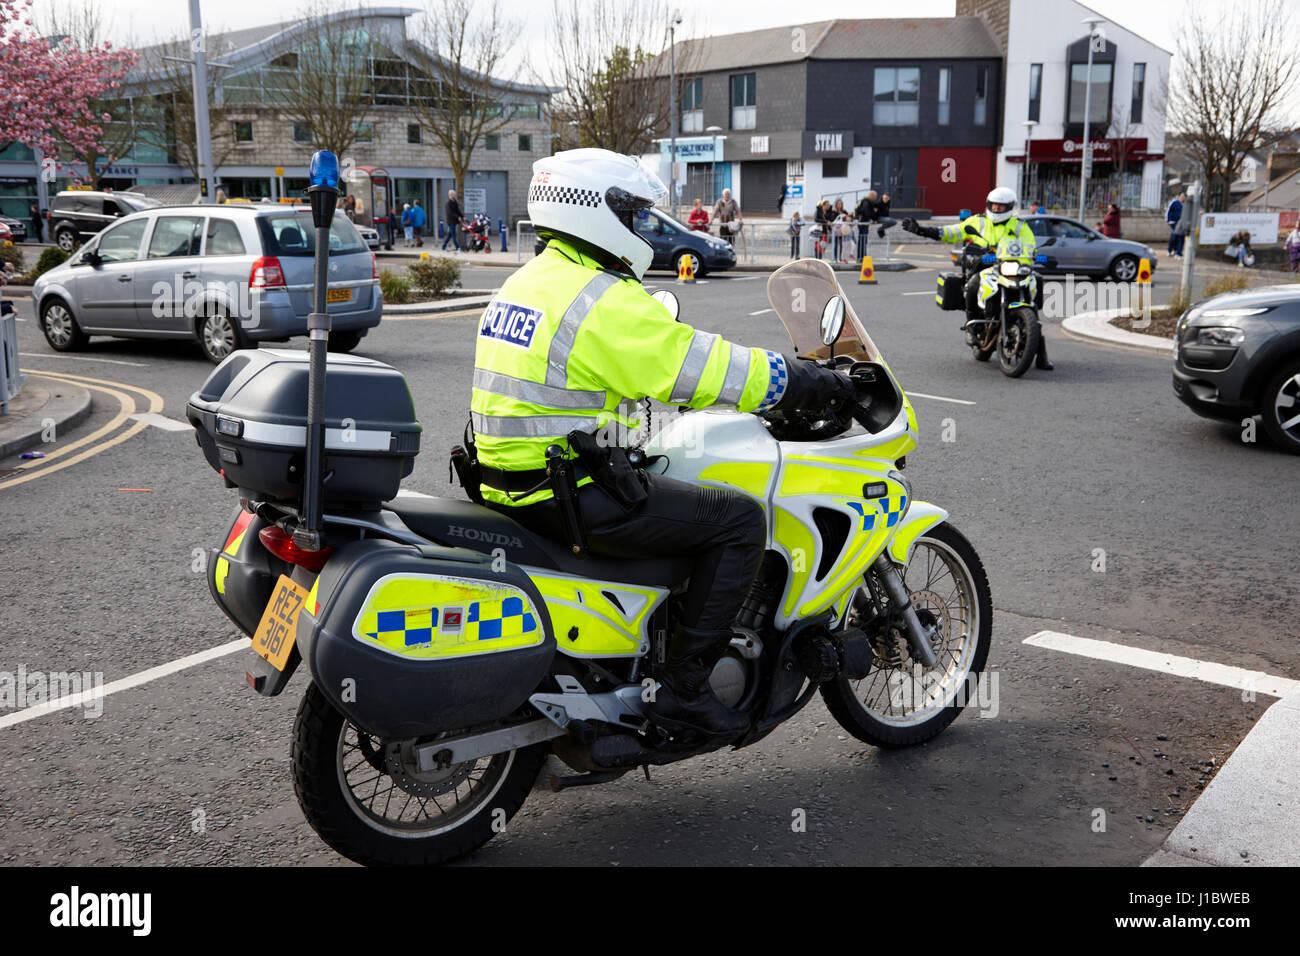 Agent de police psni police routière sur moto Honda de diriger la circulation au rond-point, l'Irlande Photo Stock